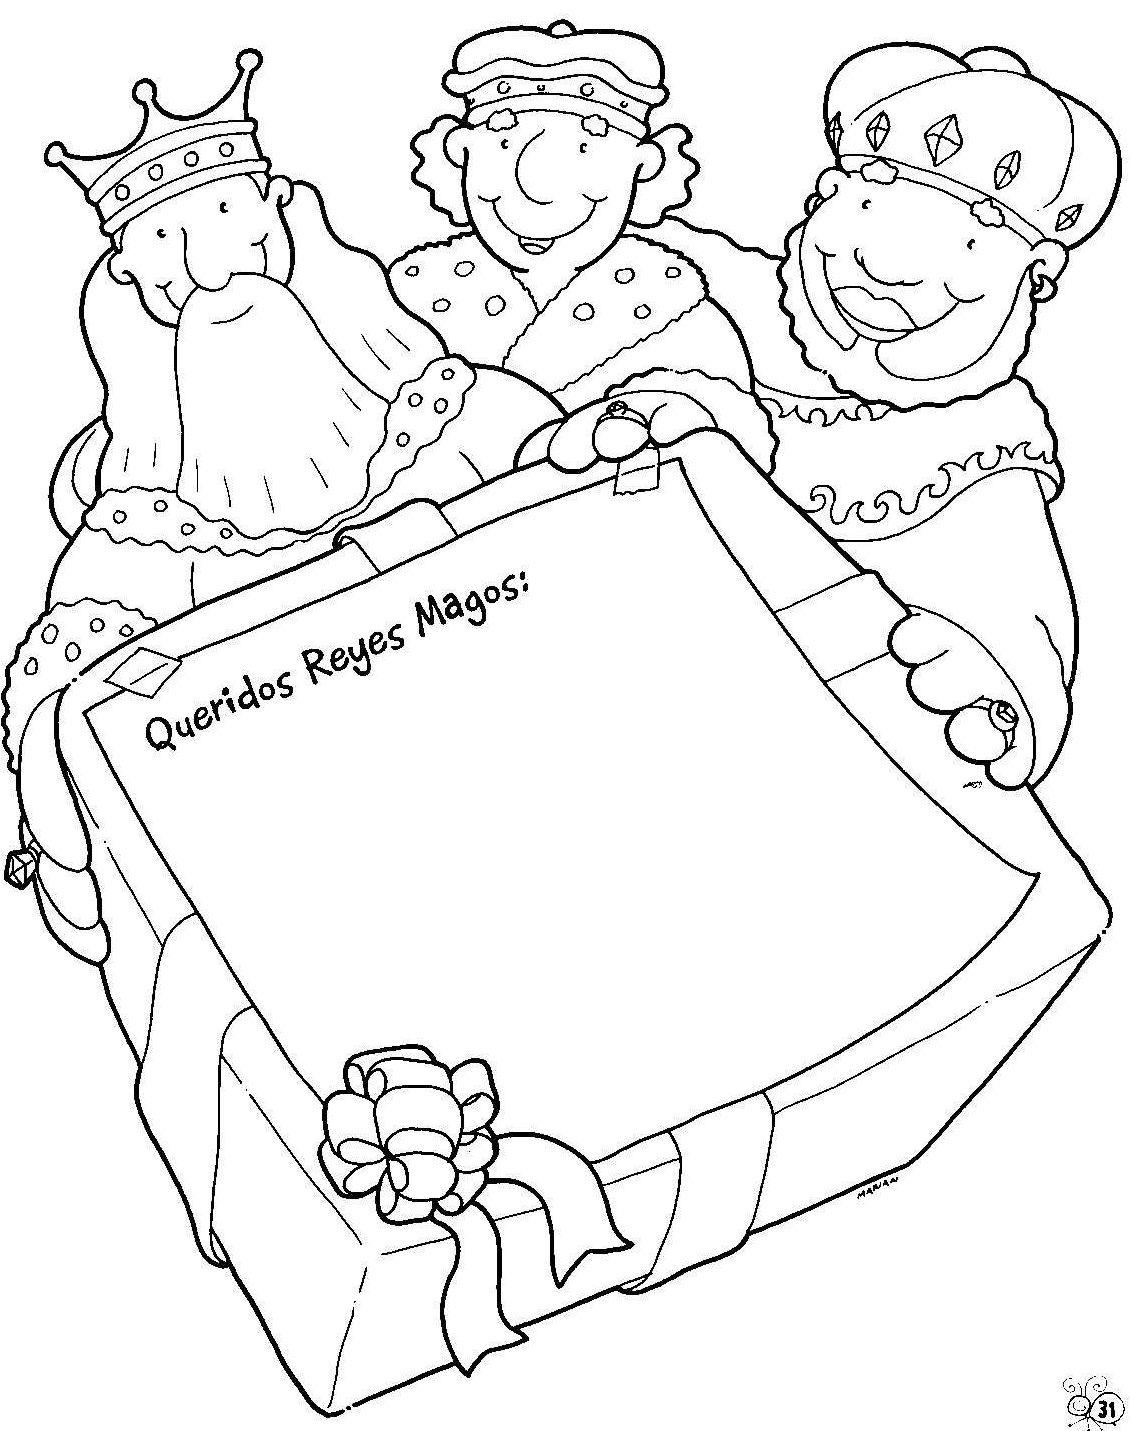 Worksheet. Imgenes de Reyes Magos para colorear  Dibujos De